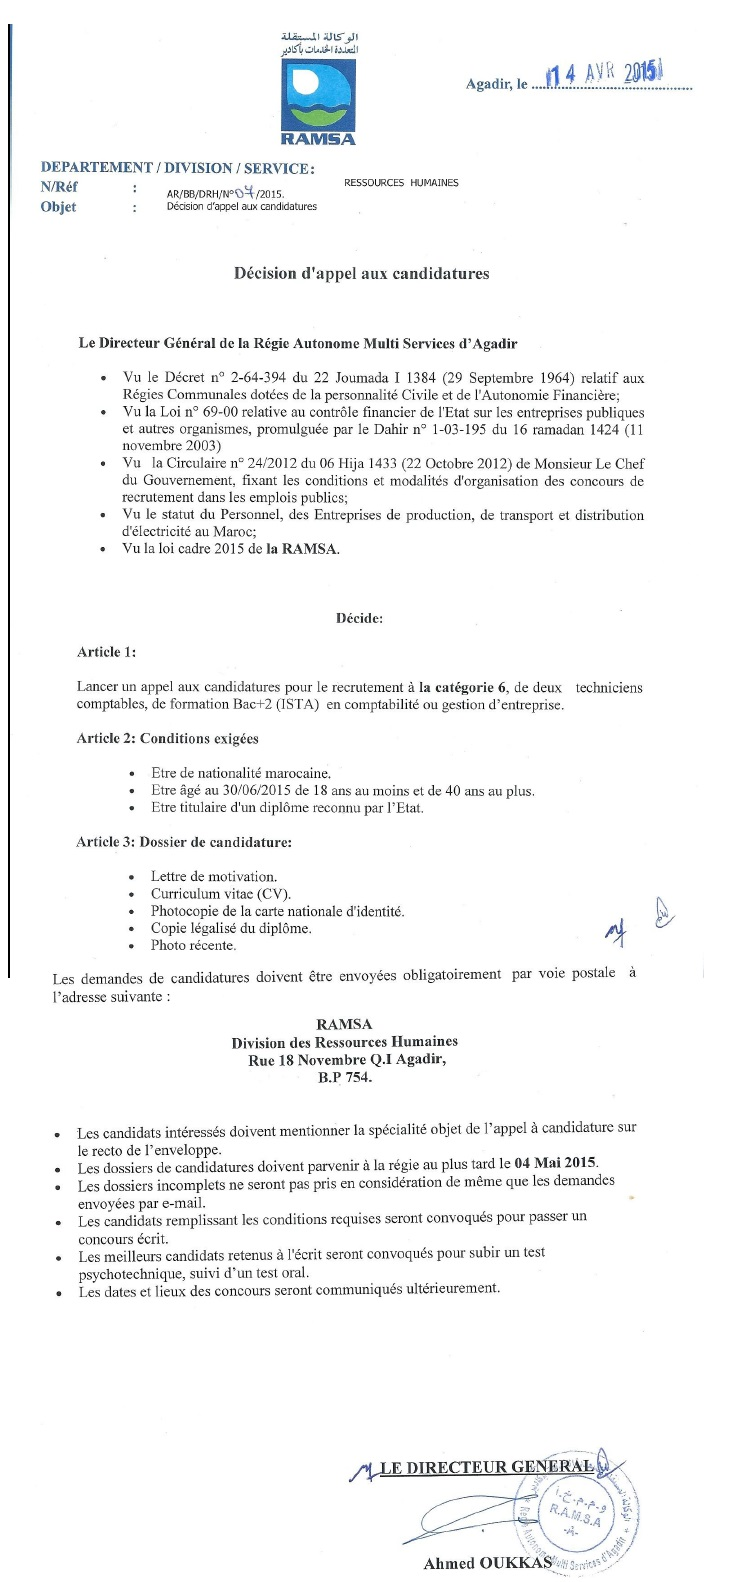 الوكالة المستقلة المتعددة الخدمات بأكادير : مباراة لتوظيف تقني (10 مناصب) آخر أجل لإيداع الترشيحات 4 ماي 2015 Concou57